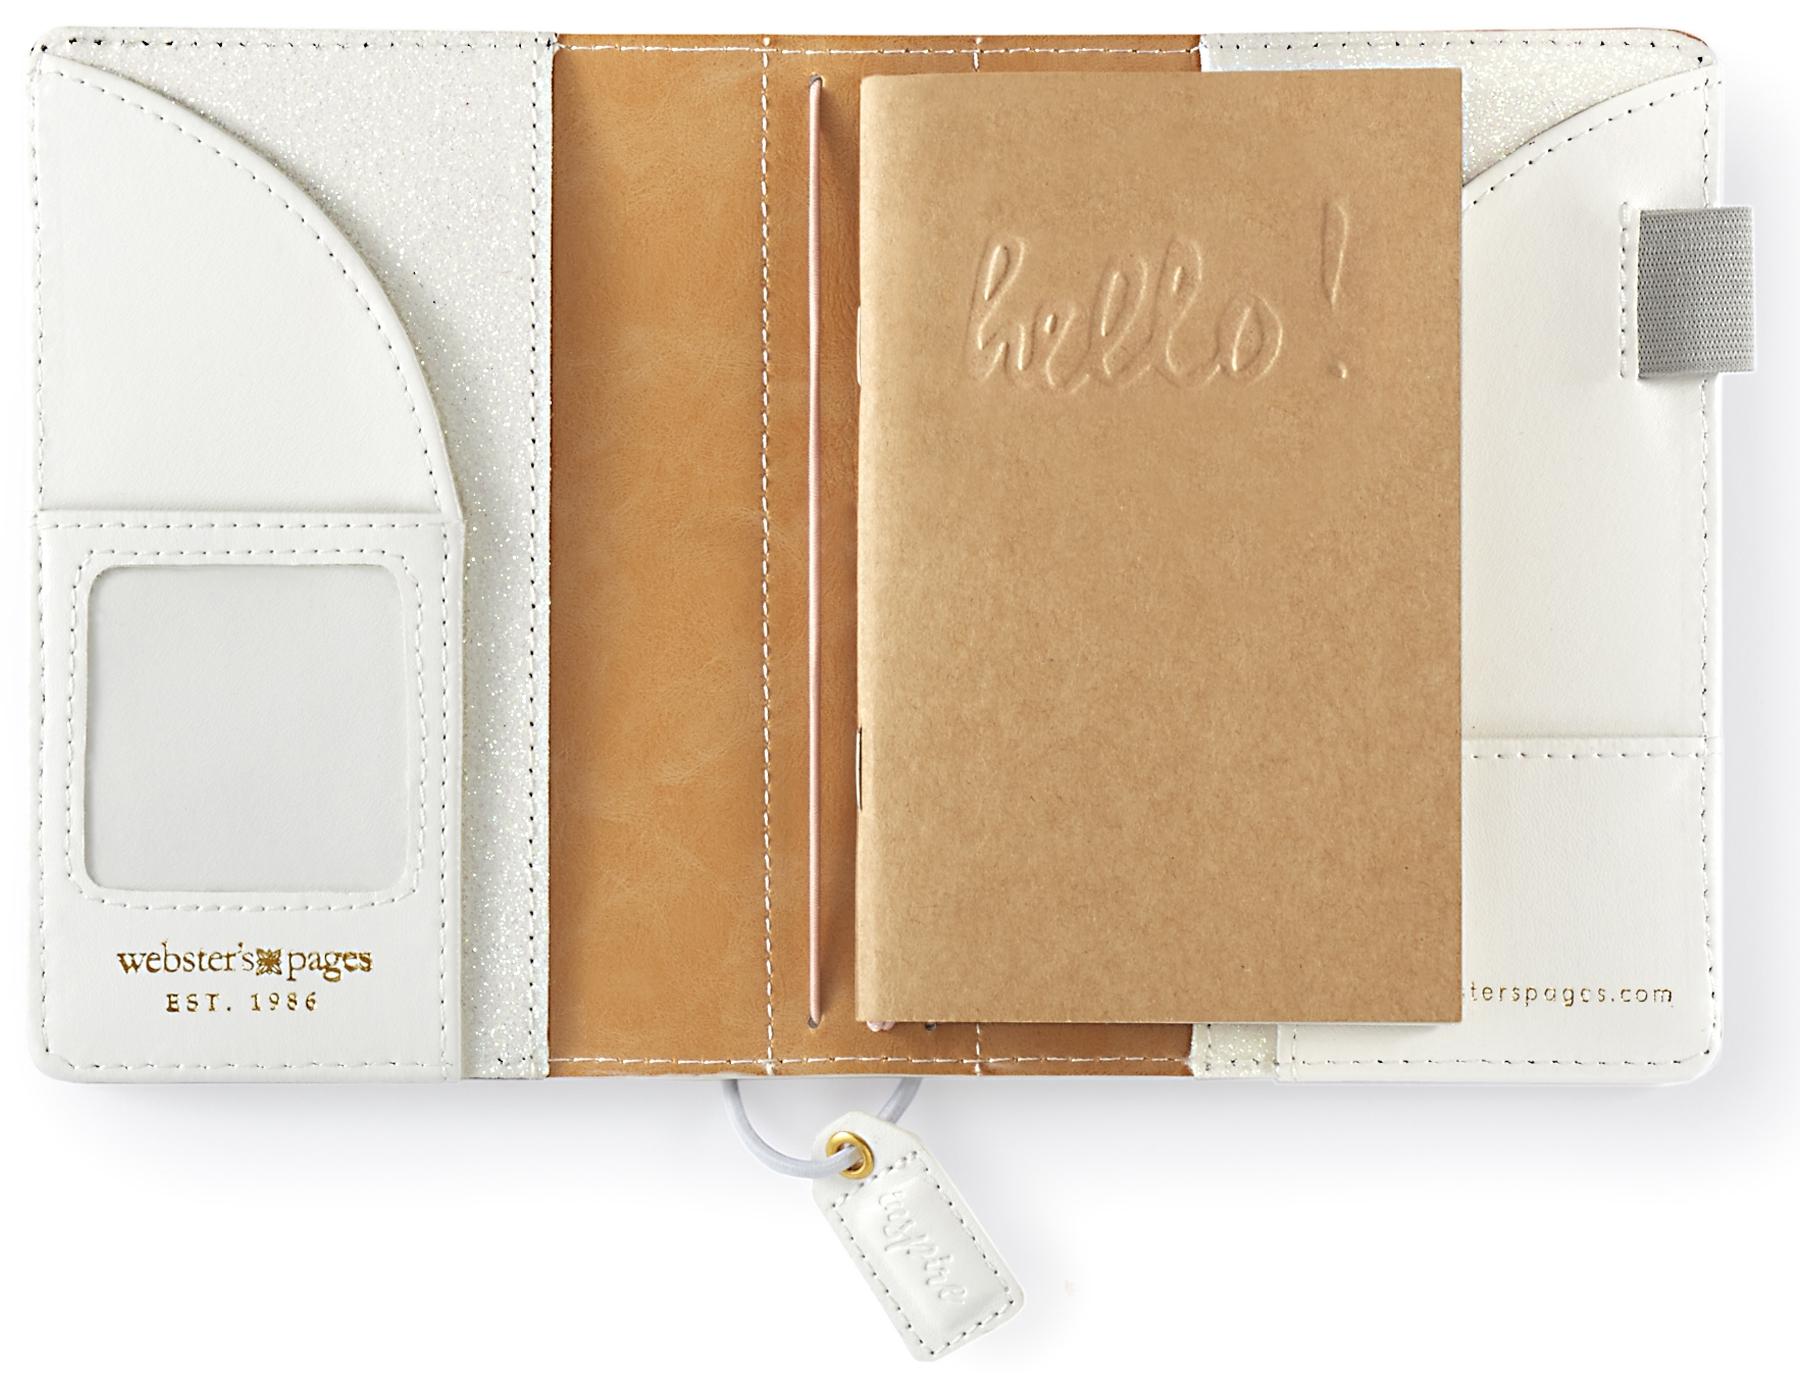 Webster's Pages Pocket Traveler Notebook